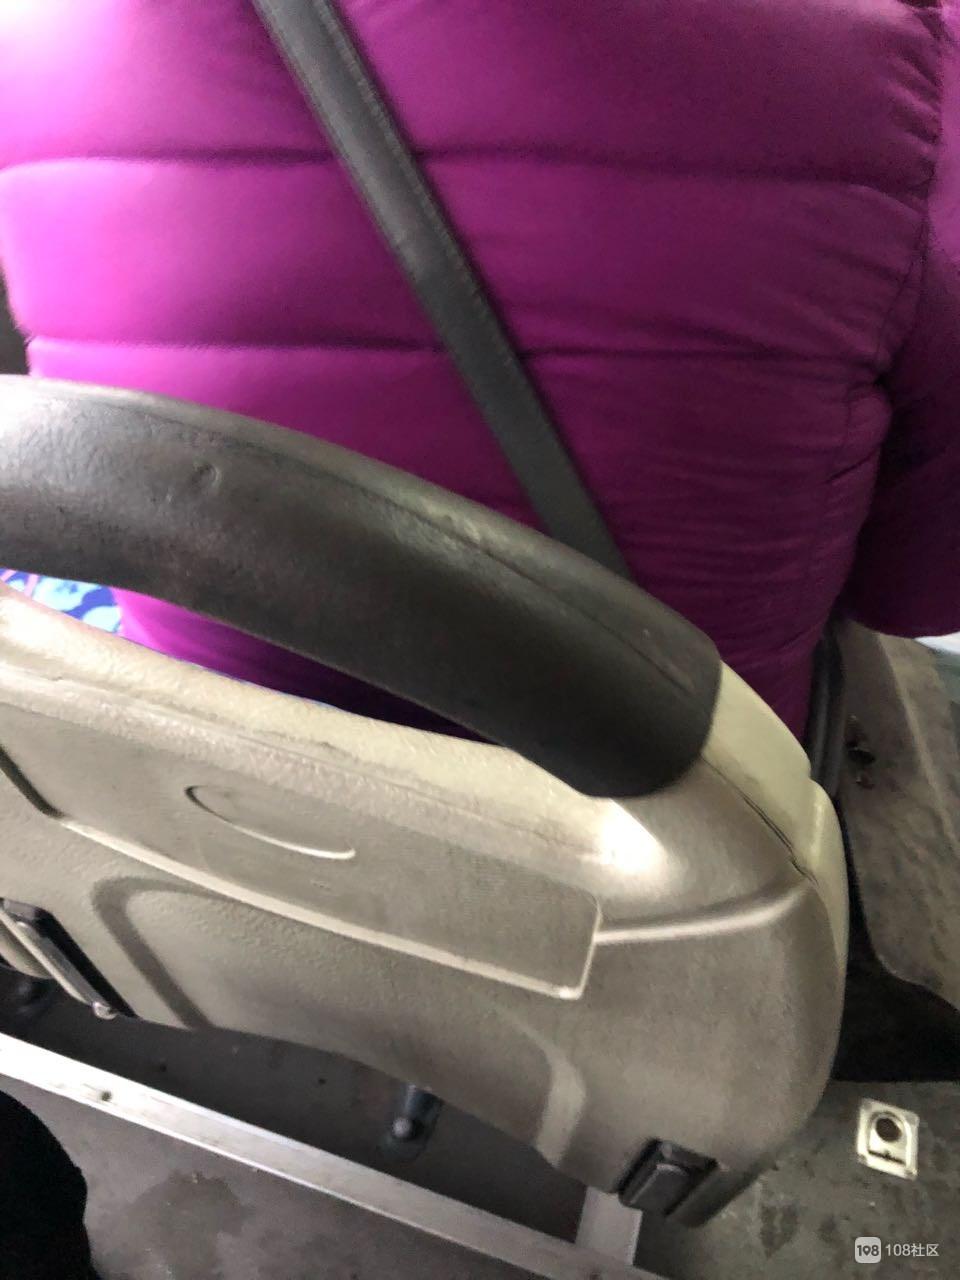 229公交上一大妈晕车呕吐,可她接下来的行为却让人反感